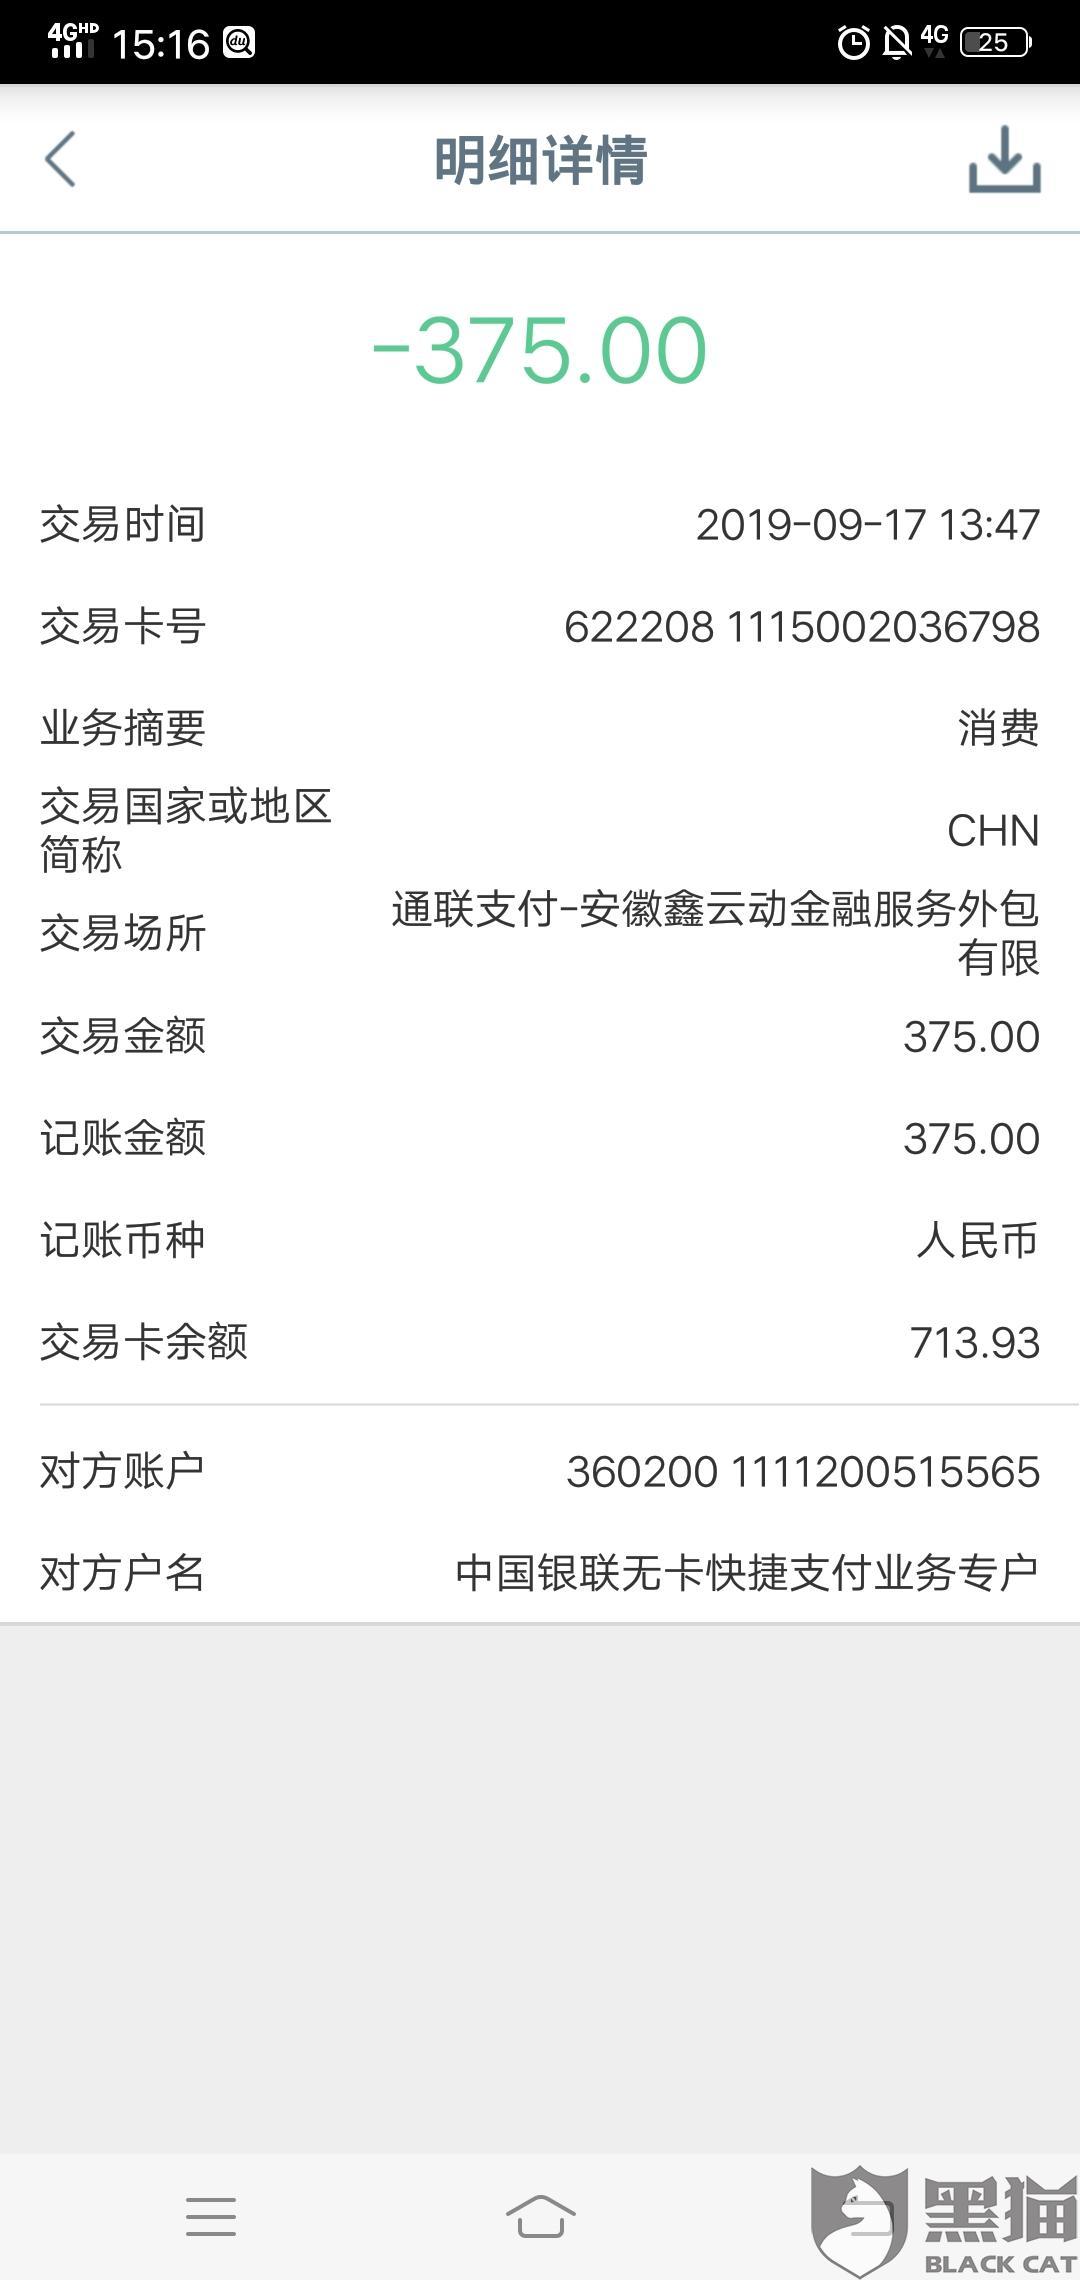 黑猫投诉:通联支付网络服务股份有限公司盗刷银行卡内资金